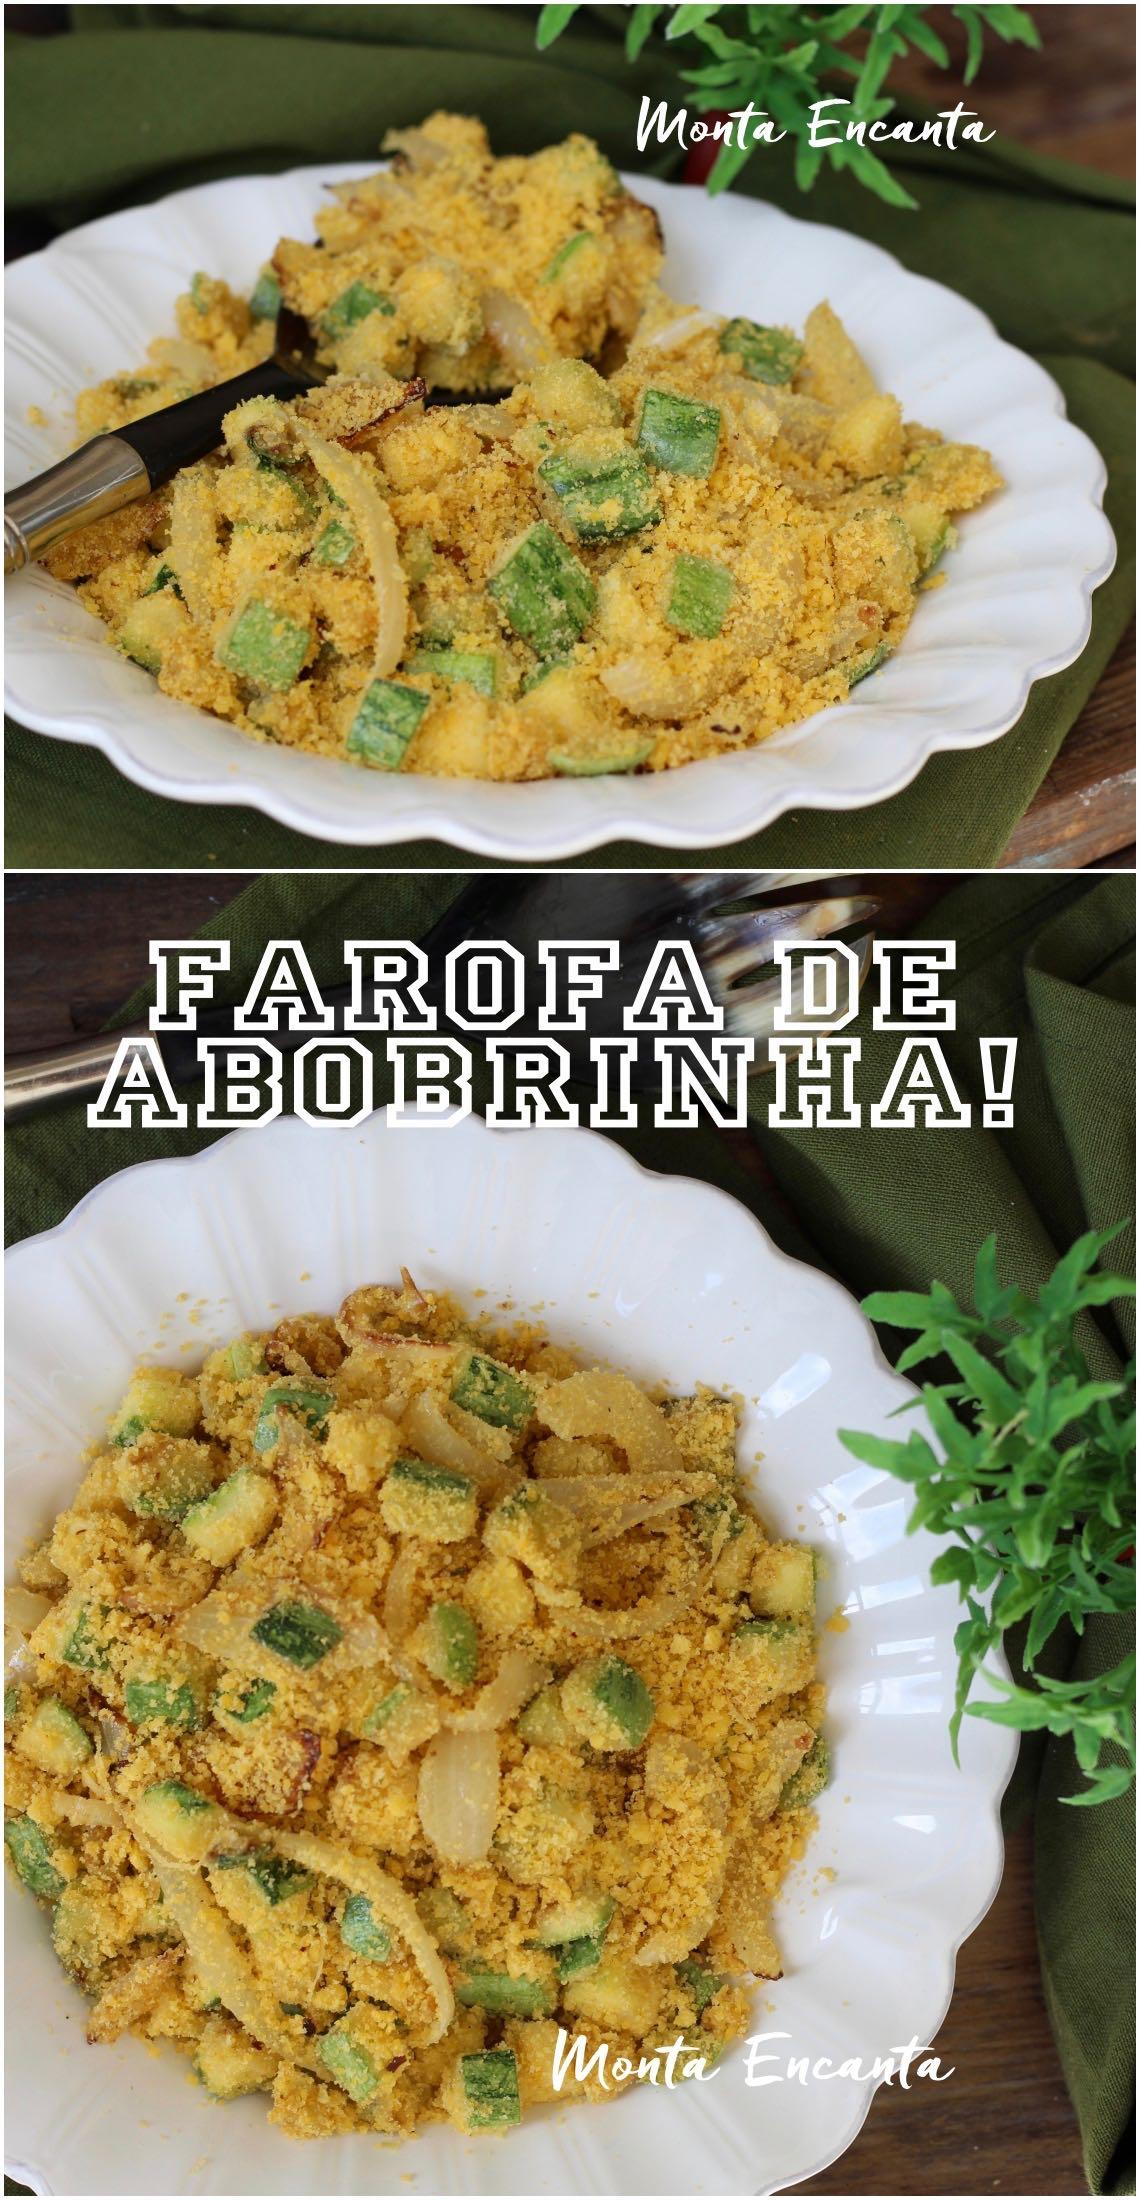 Farofa de Abobrinha